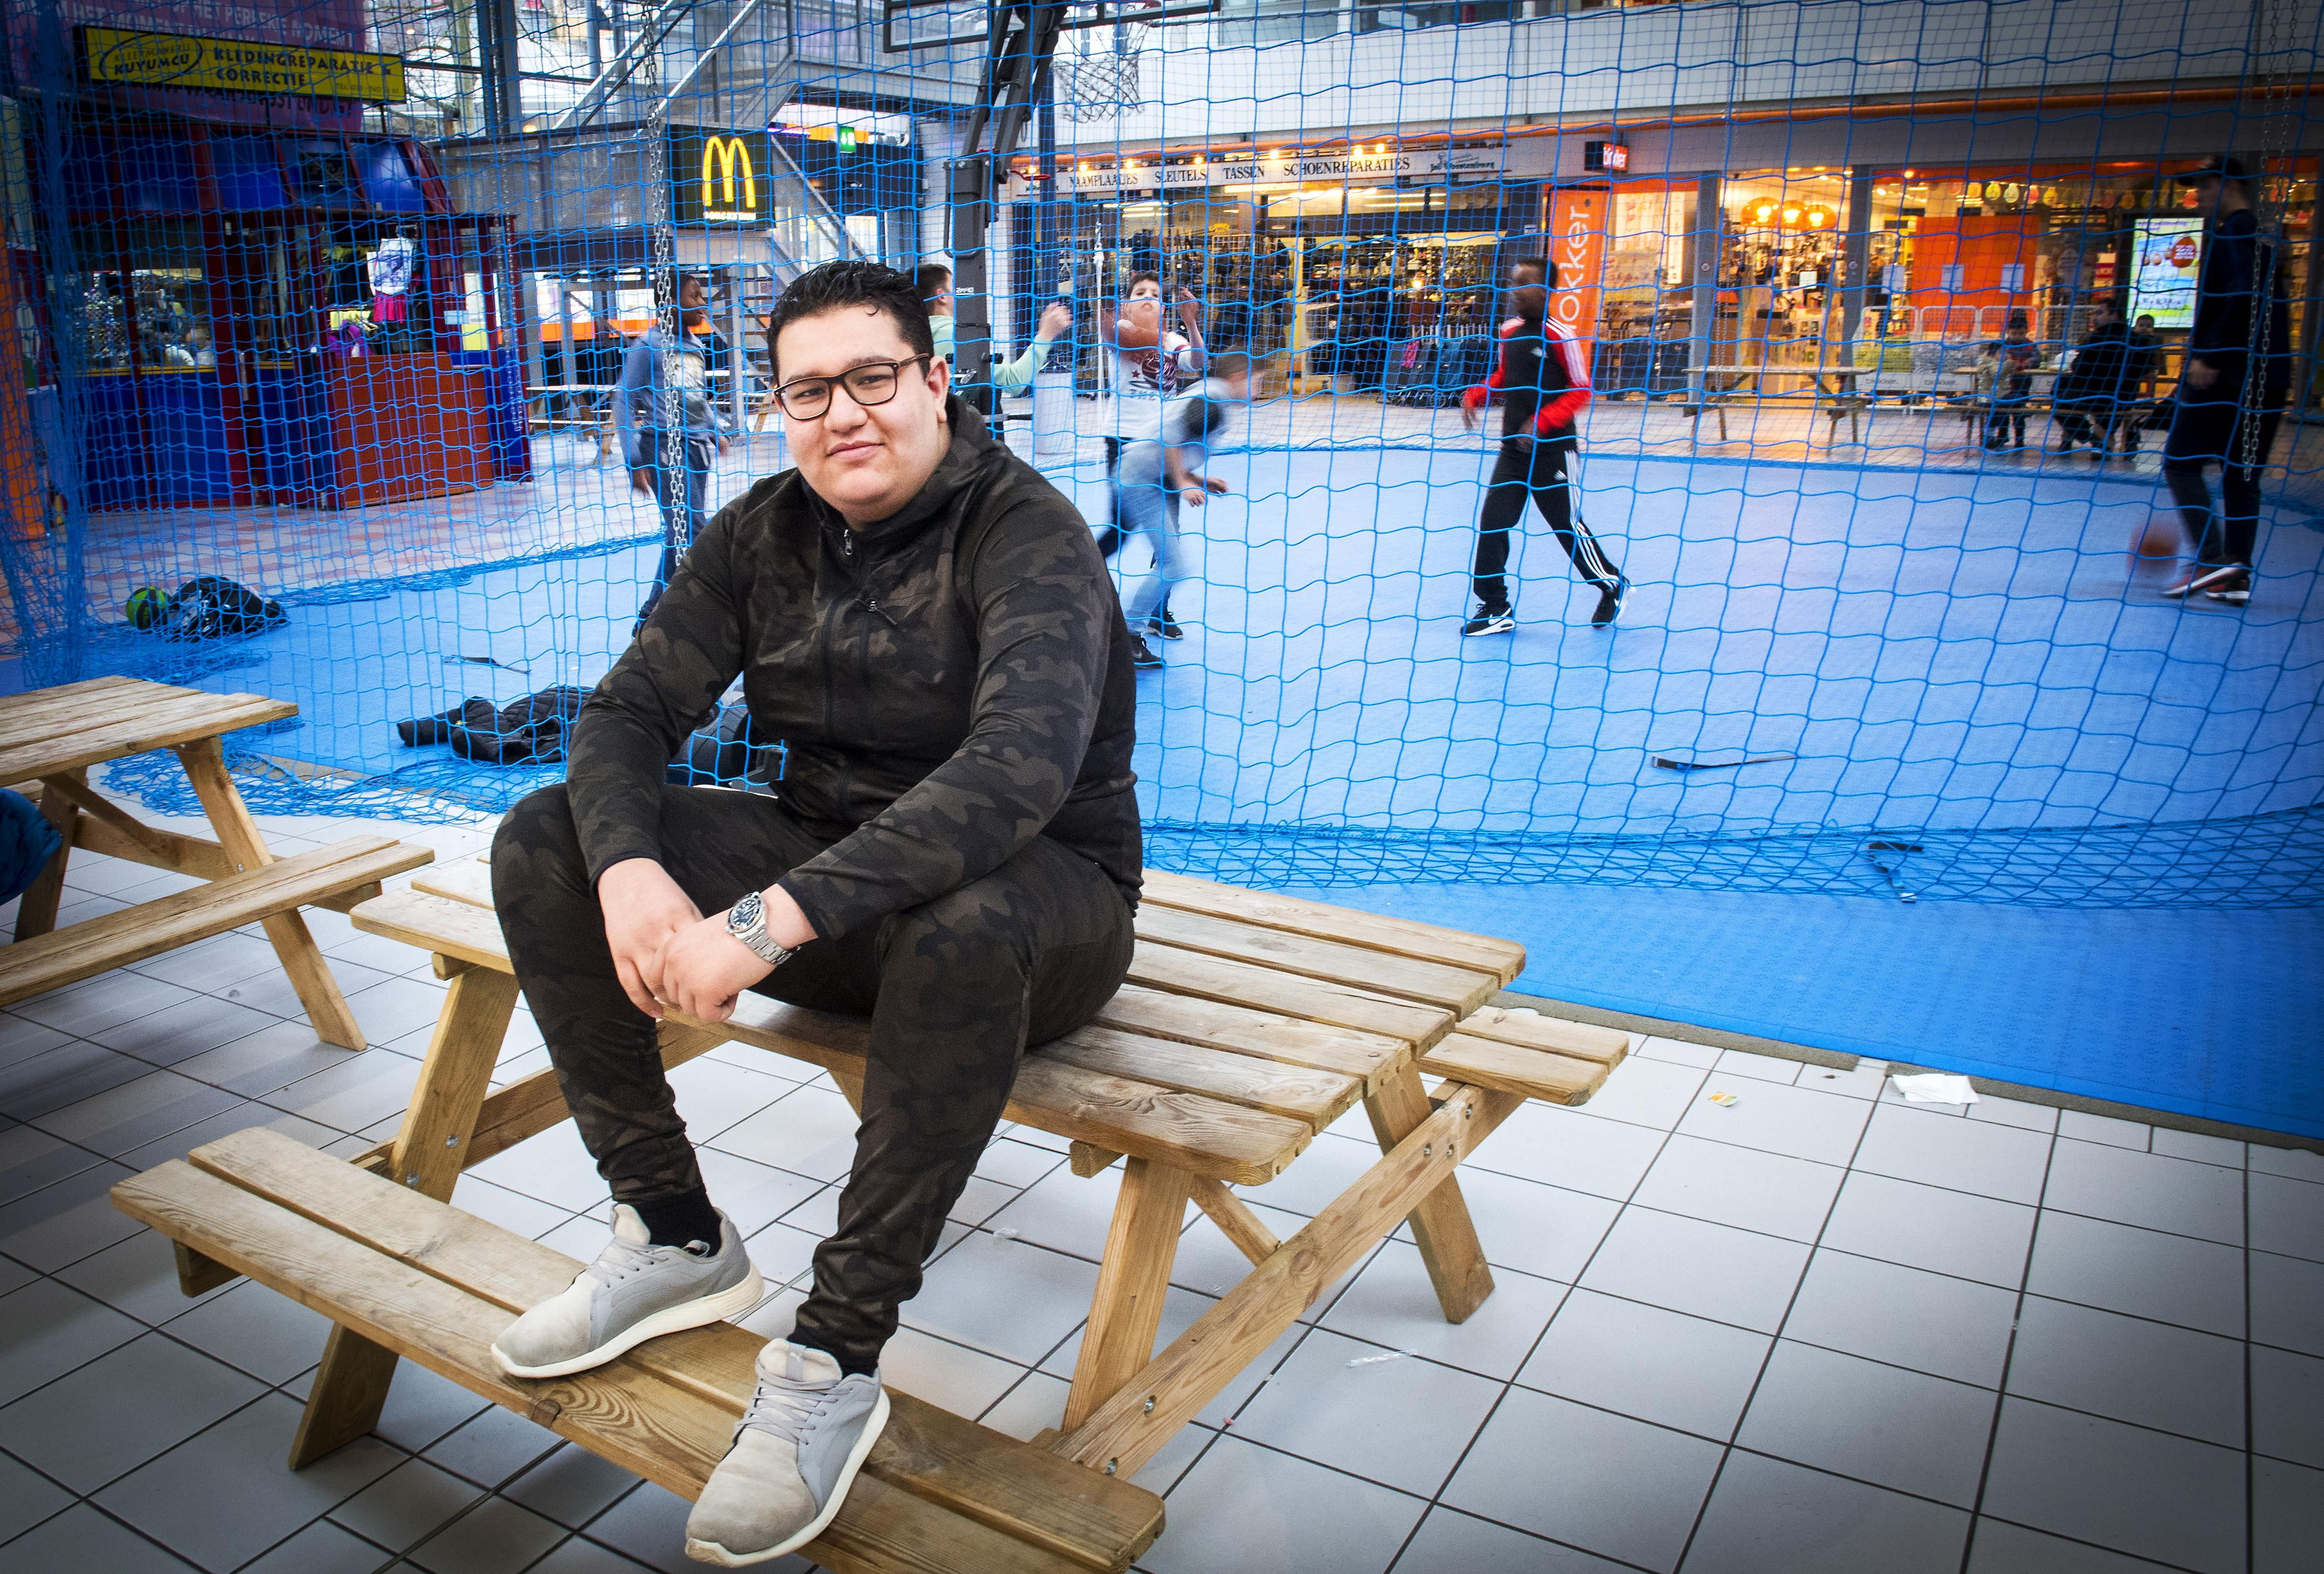 Anouar vlogt over Haarlemse gemeenteraad: 'Politici kennen doekoe en brakka niet' [video]